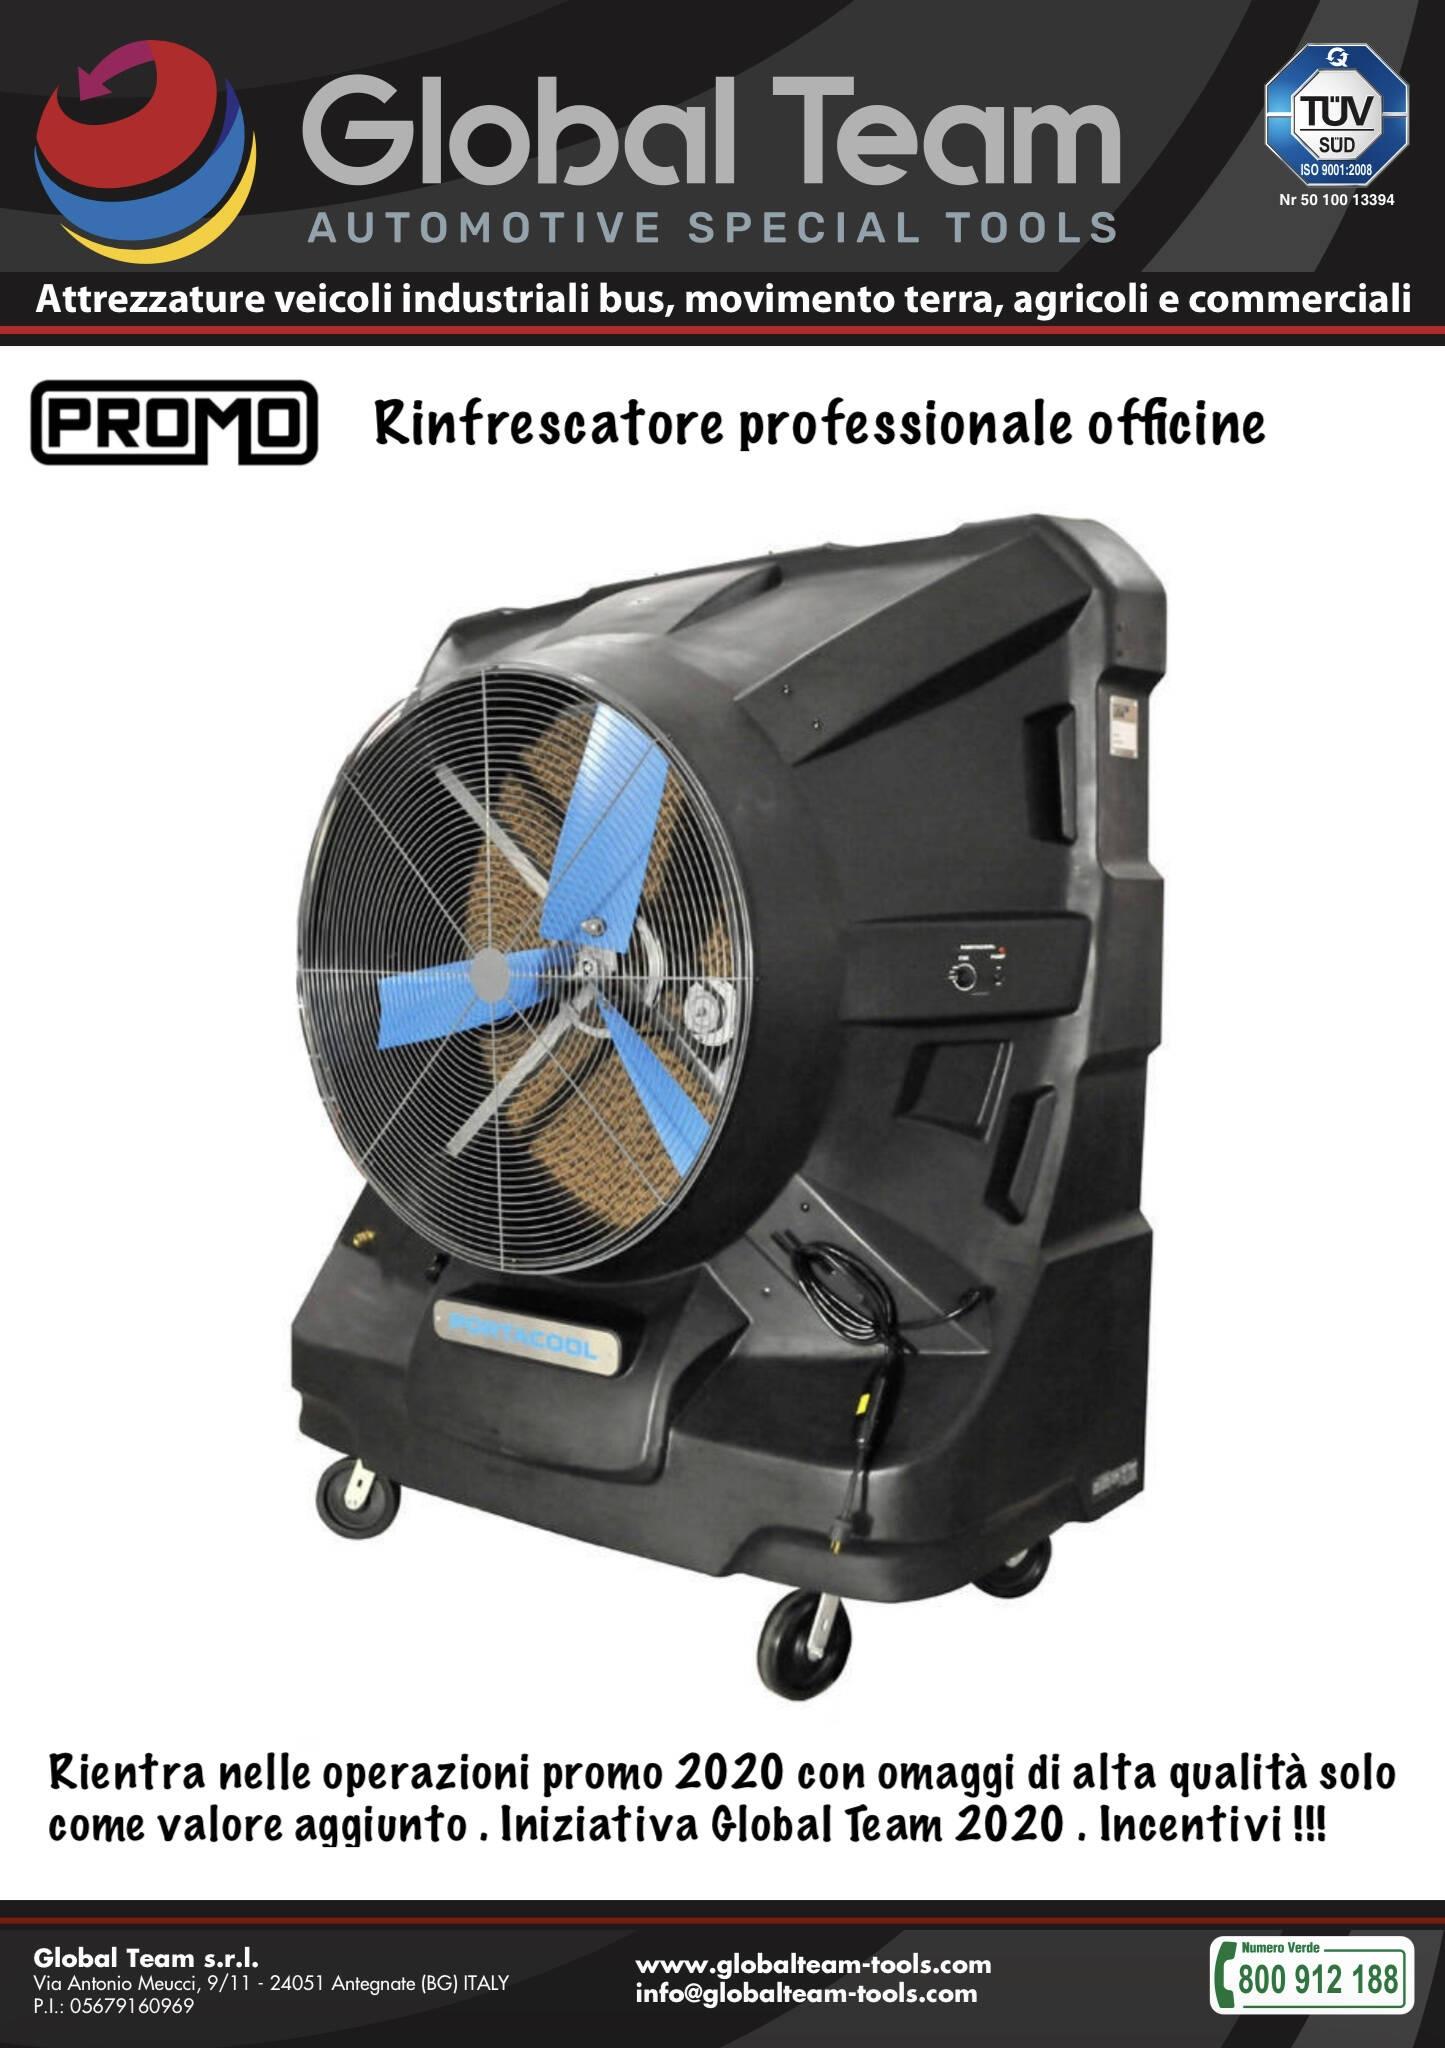 Promuoviamo ventilatore rinfrescante con sistema esclusivo Portacool con nostra modalità promo ad incentivo no extra prezzo